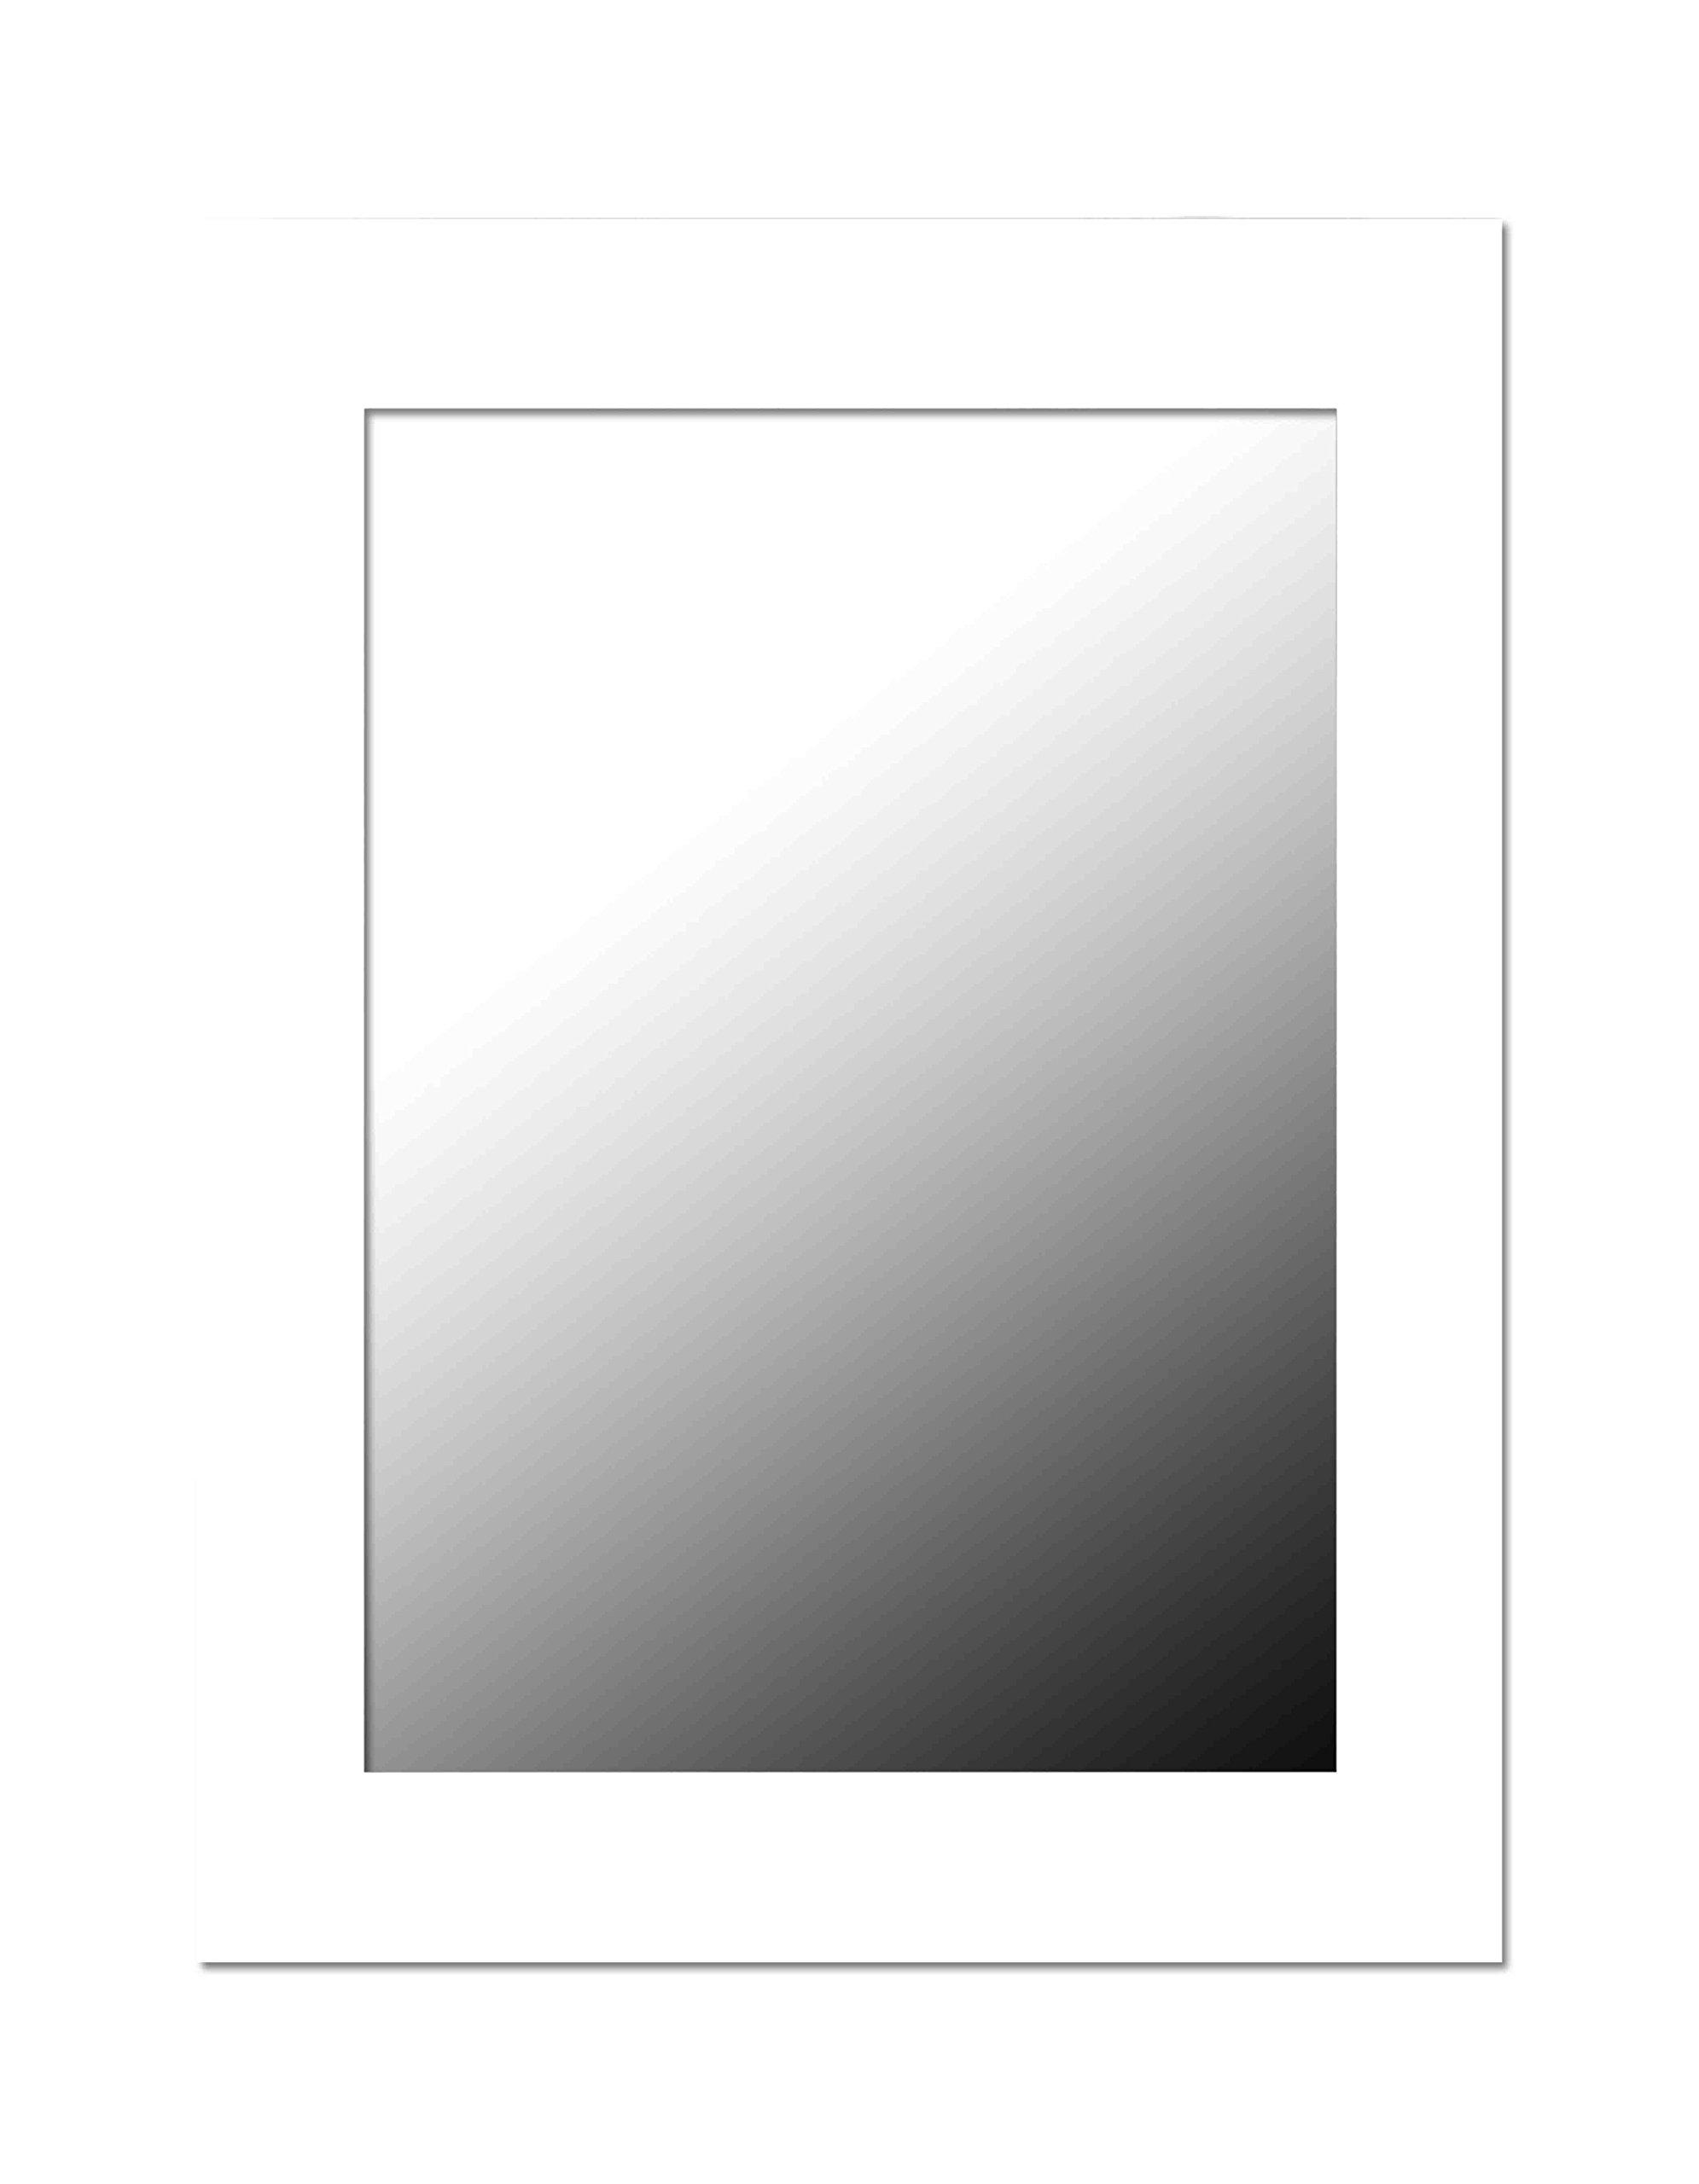 Home Basics DM47052 12'' x 16'' White Wall Mirror